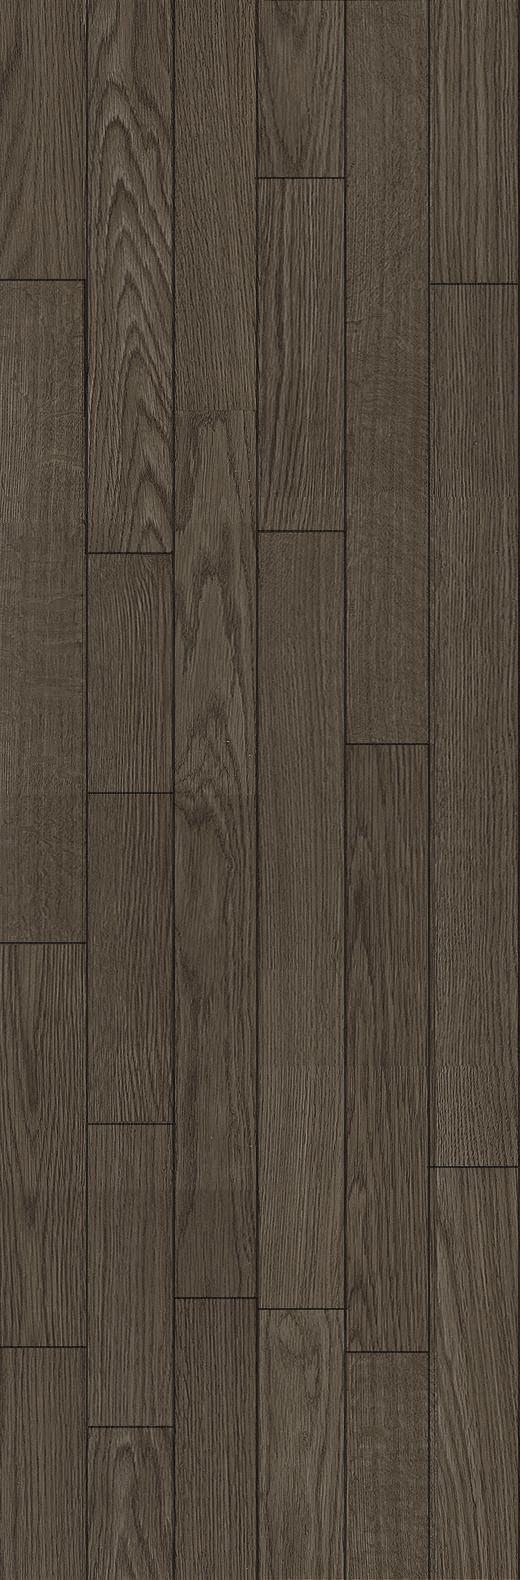 R Value Wood Flooring